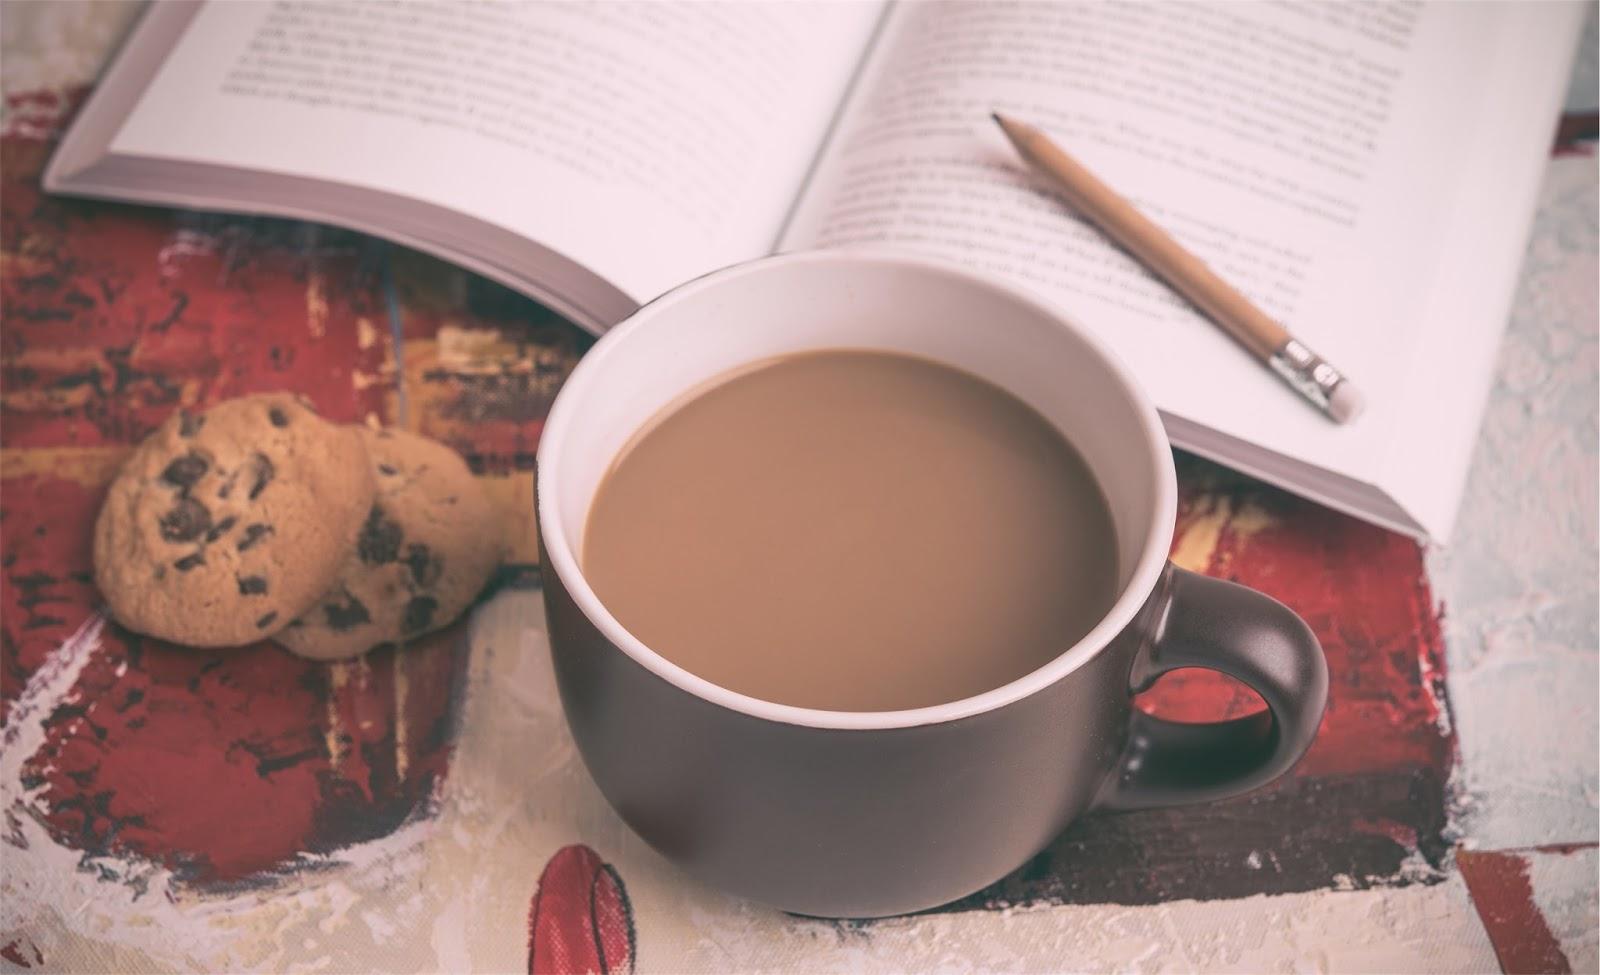 idées articles blogger blog blogueuse travail organiser comment réussir son blog love amour complexes gâteau au chocolat